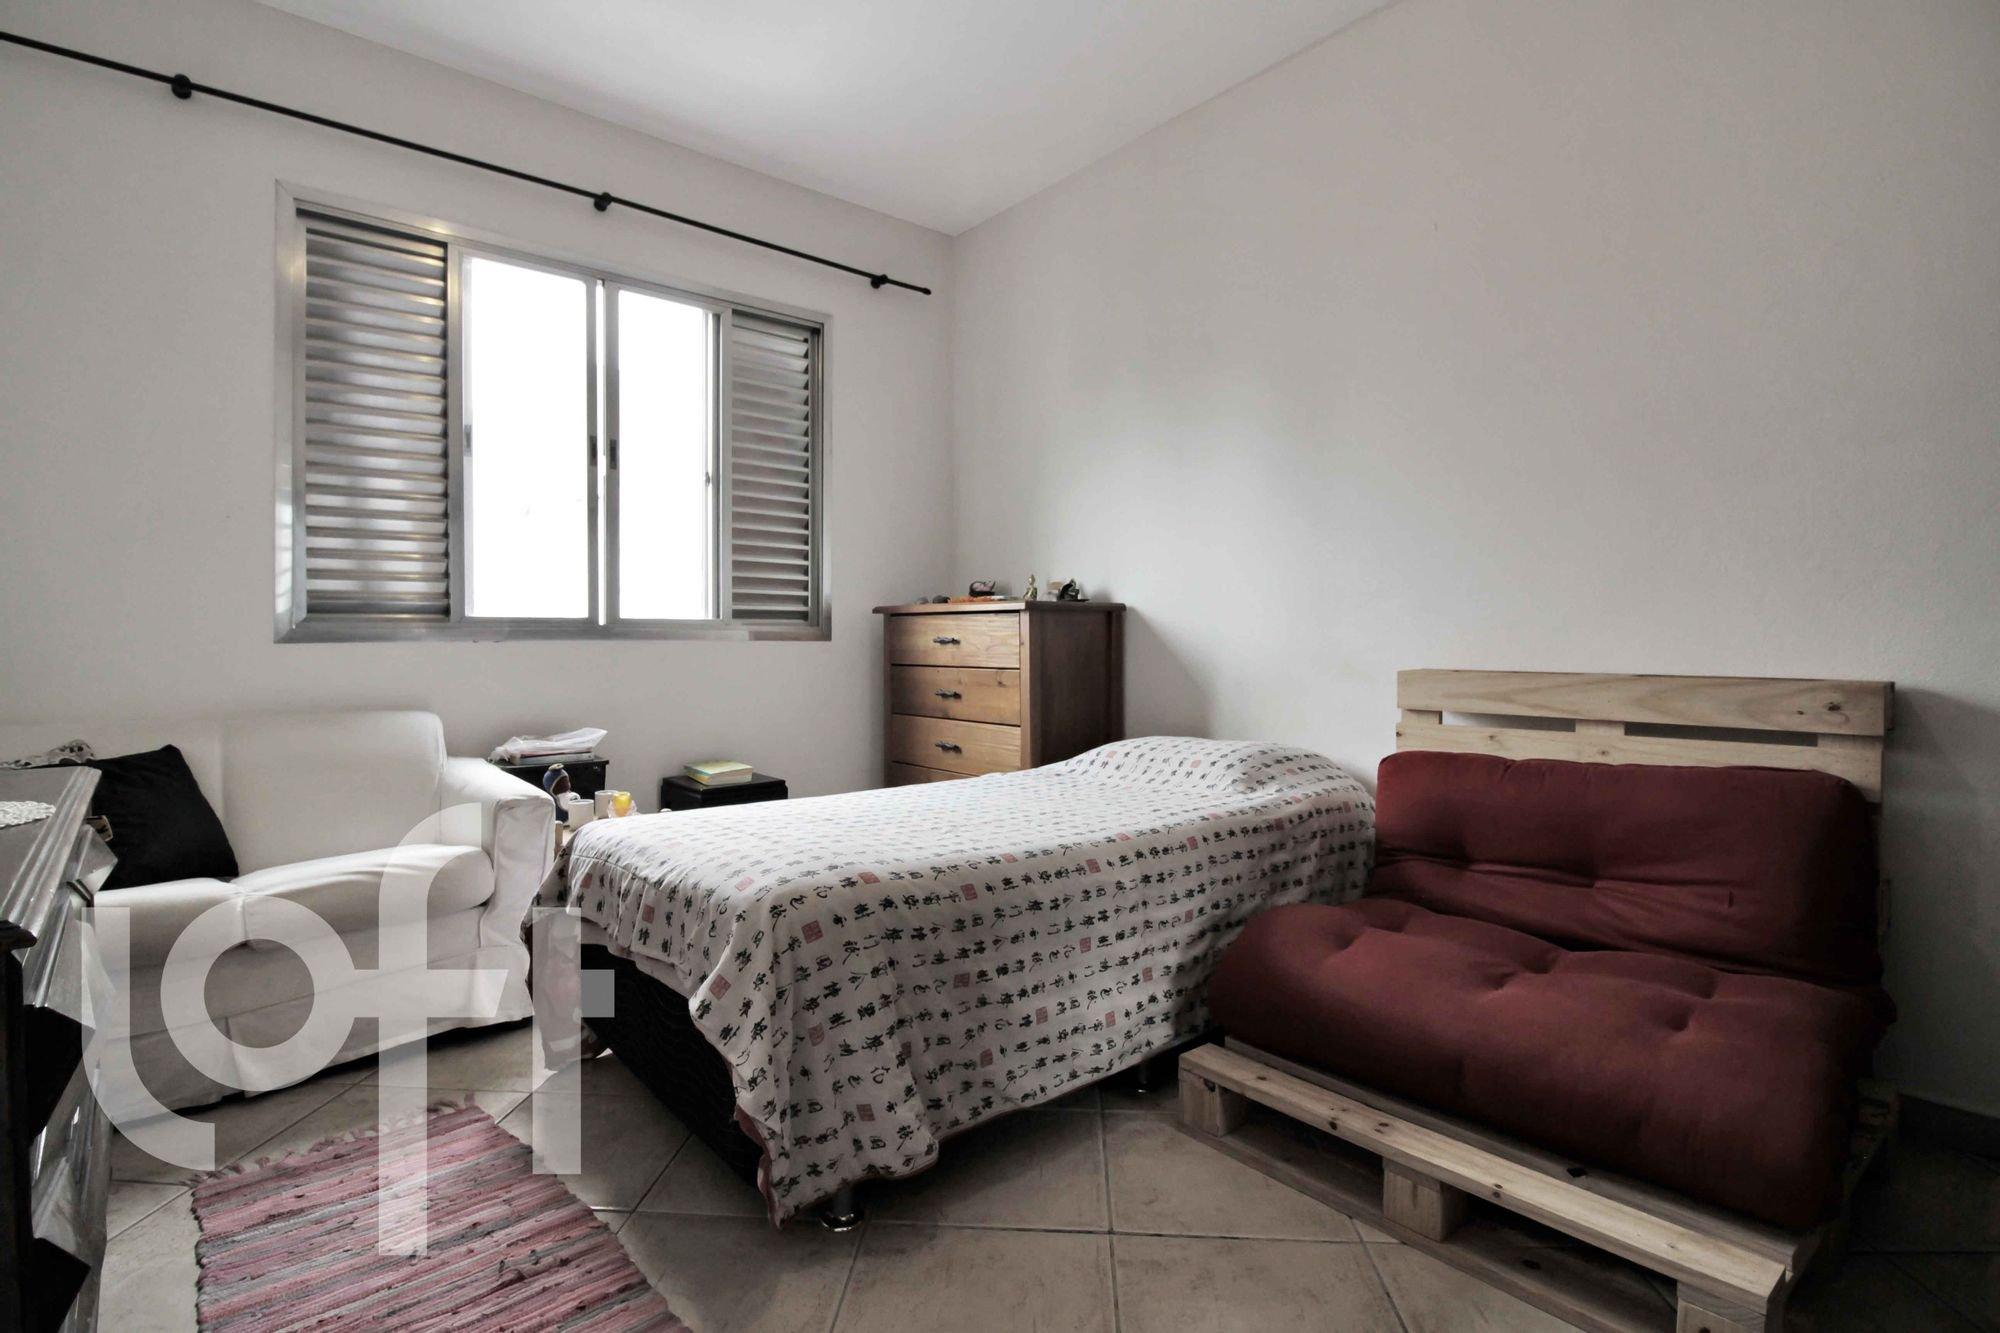 Foto de Quarto com cama, sofá, cadeira